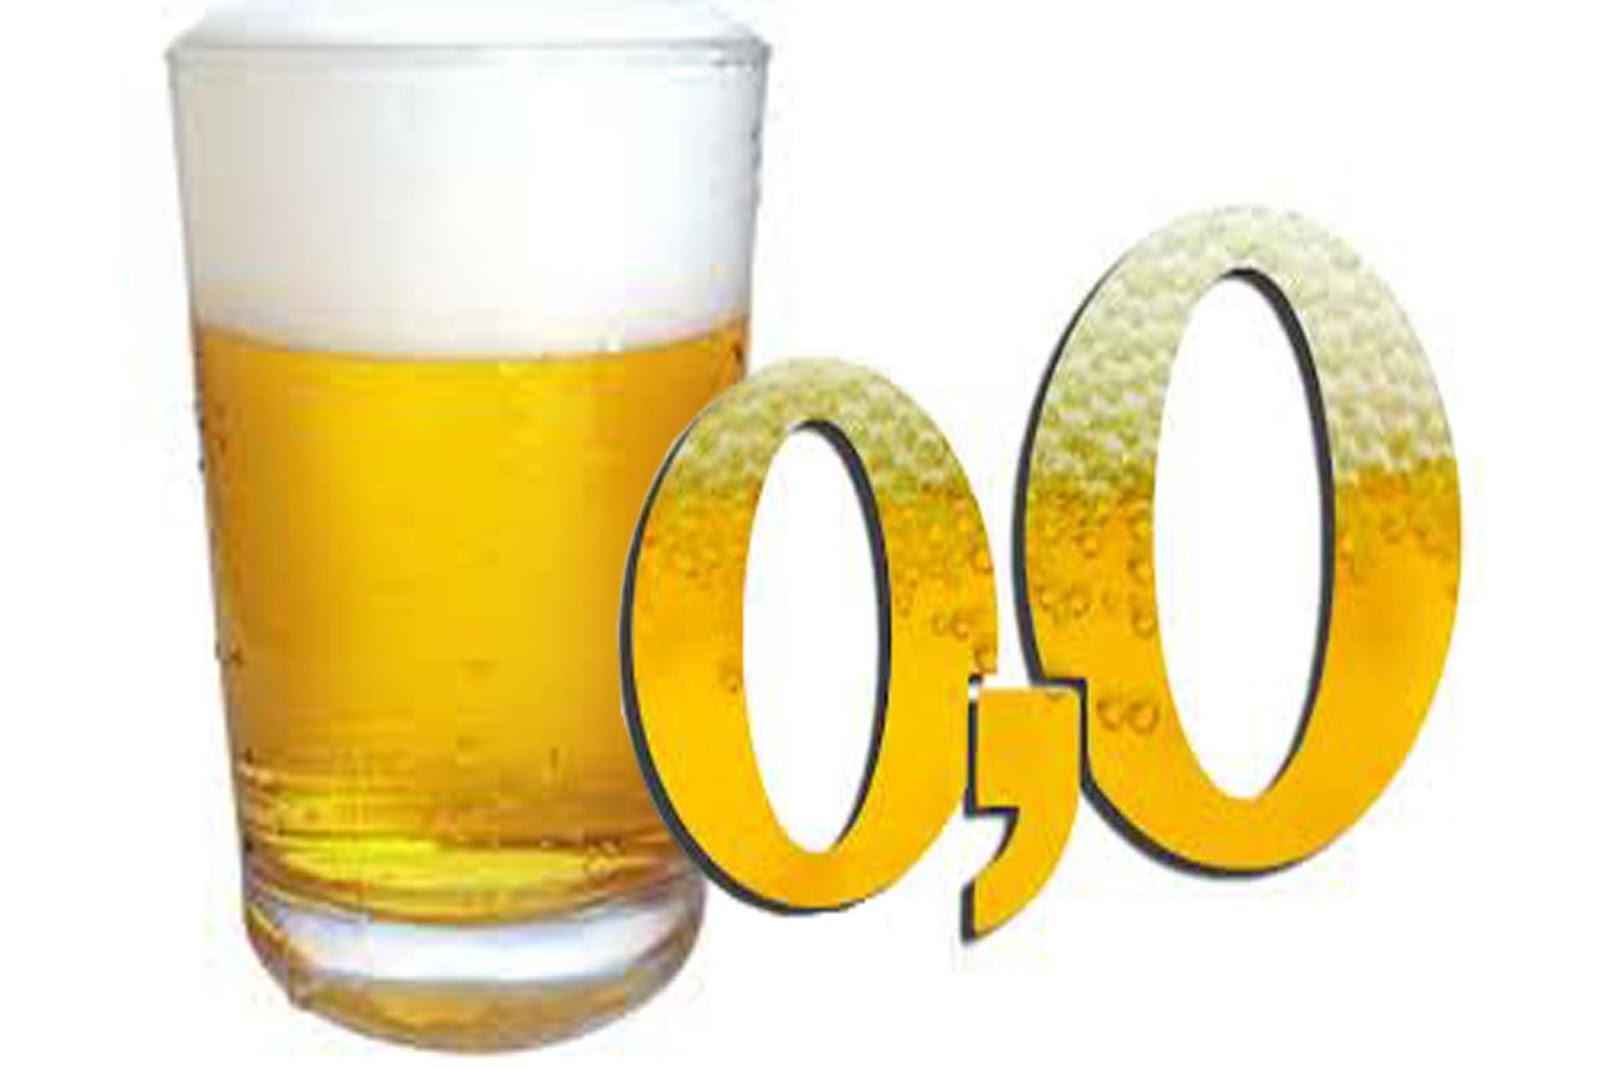 beneficios de la cerveza sin alcohol para la salud